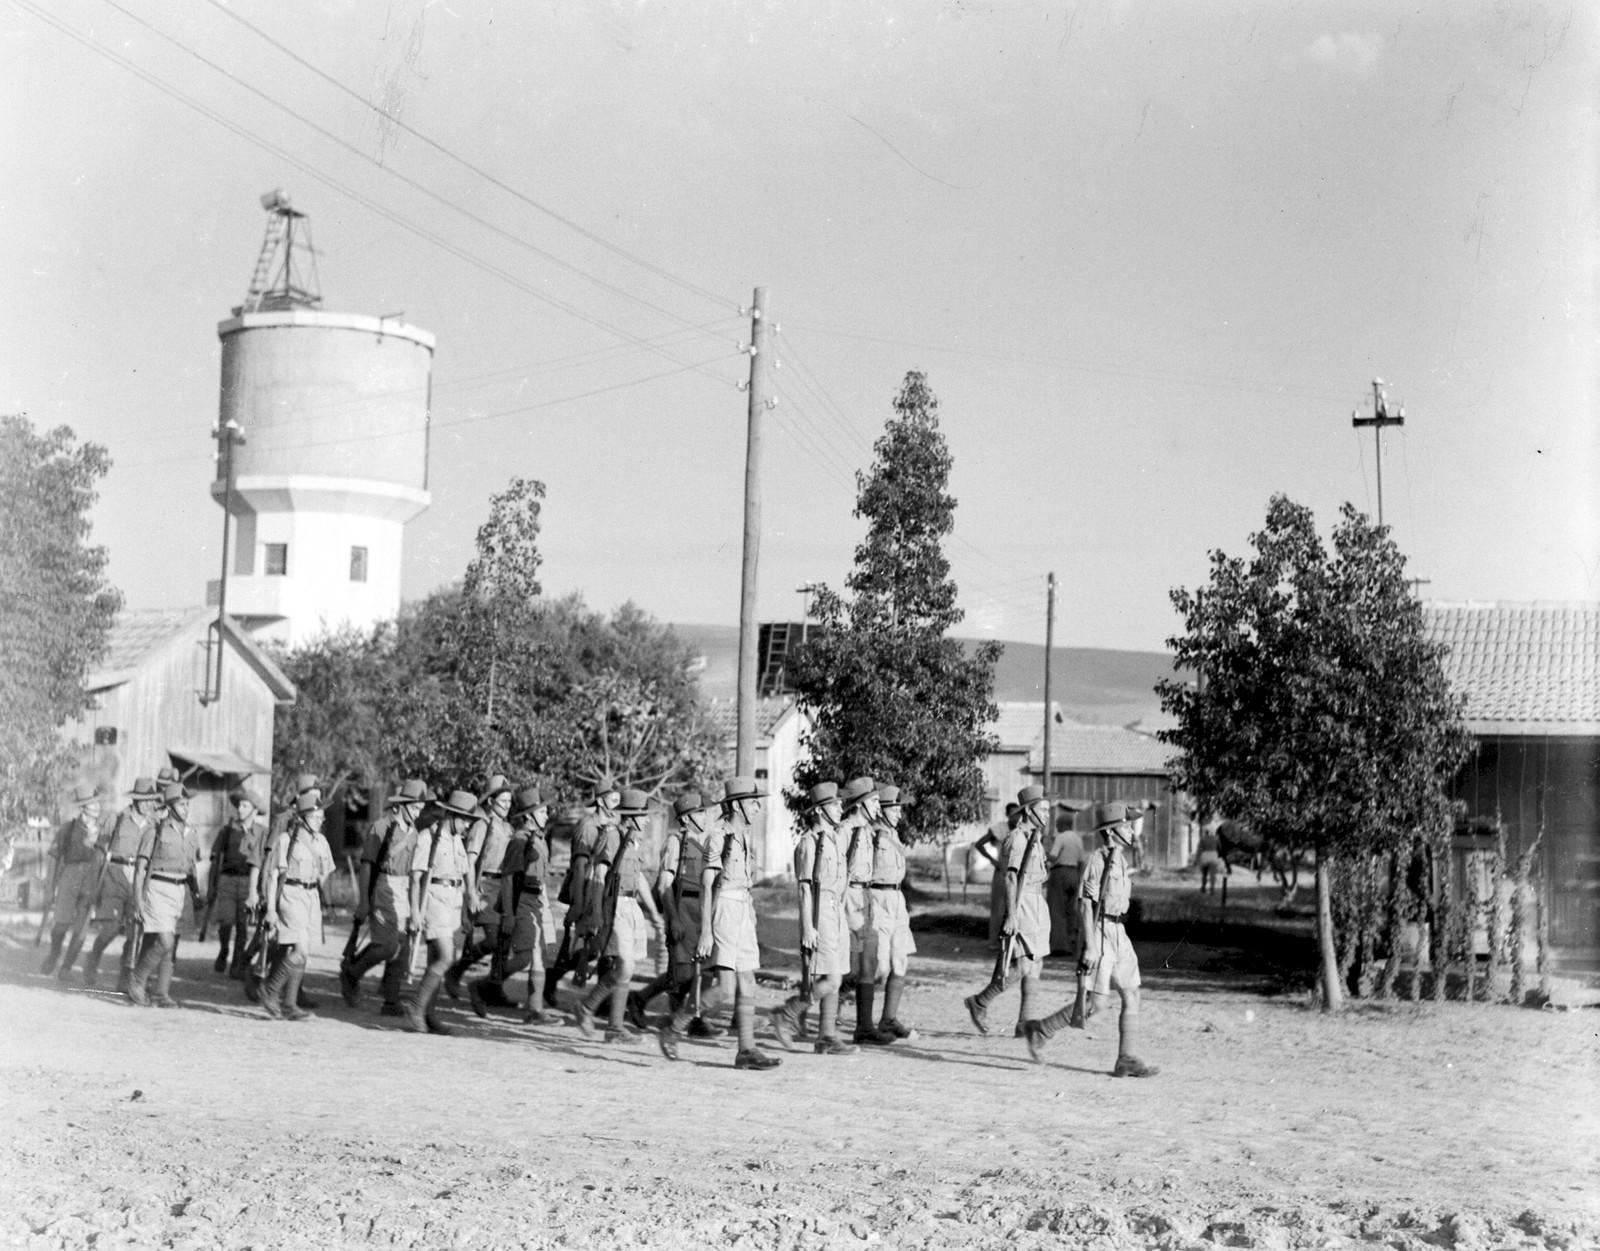 14. 1942. Члены Еврейской поселенческой полиции патрулируют кибуц Ашдот Яаков. 8 августа